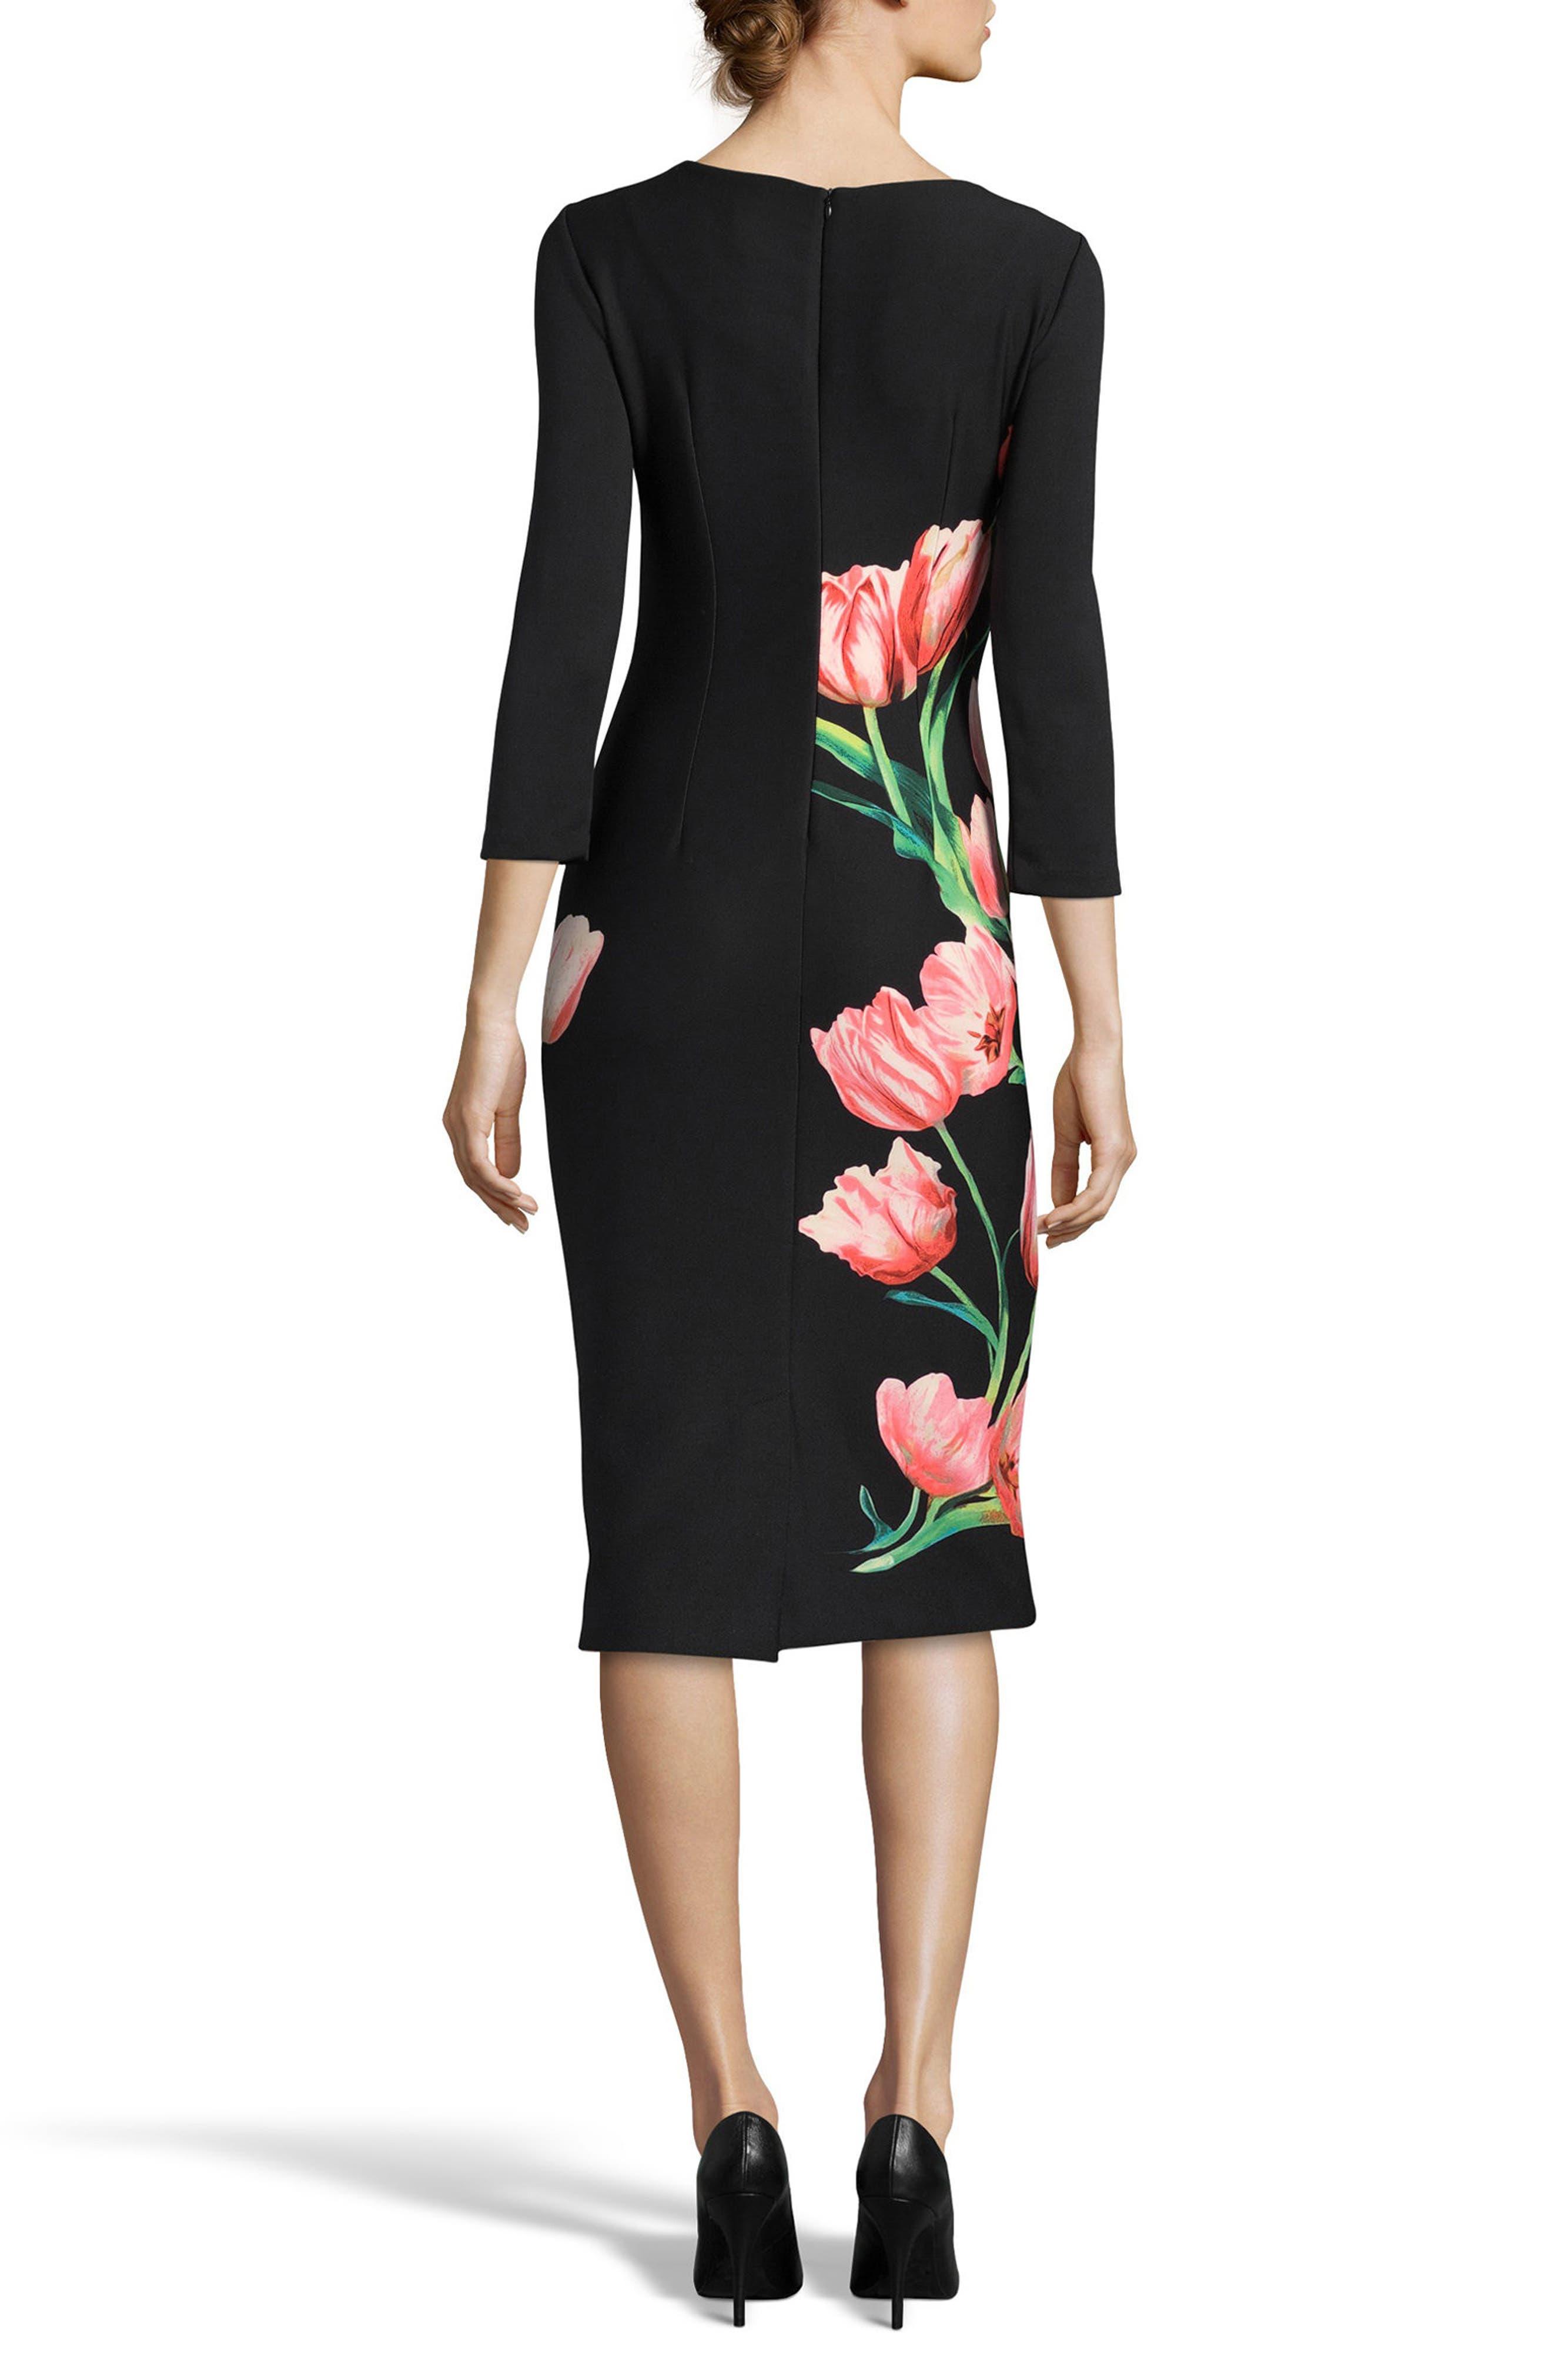 Print Sheath Dress,                             Alternate thumbnail 2, color,                             Black/ Red